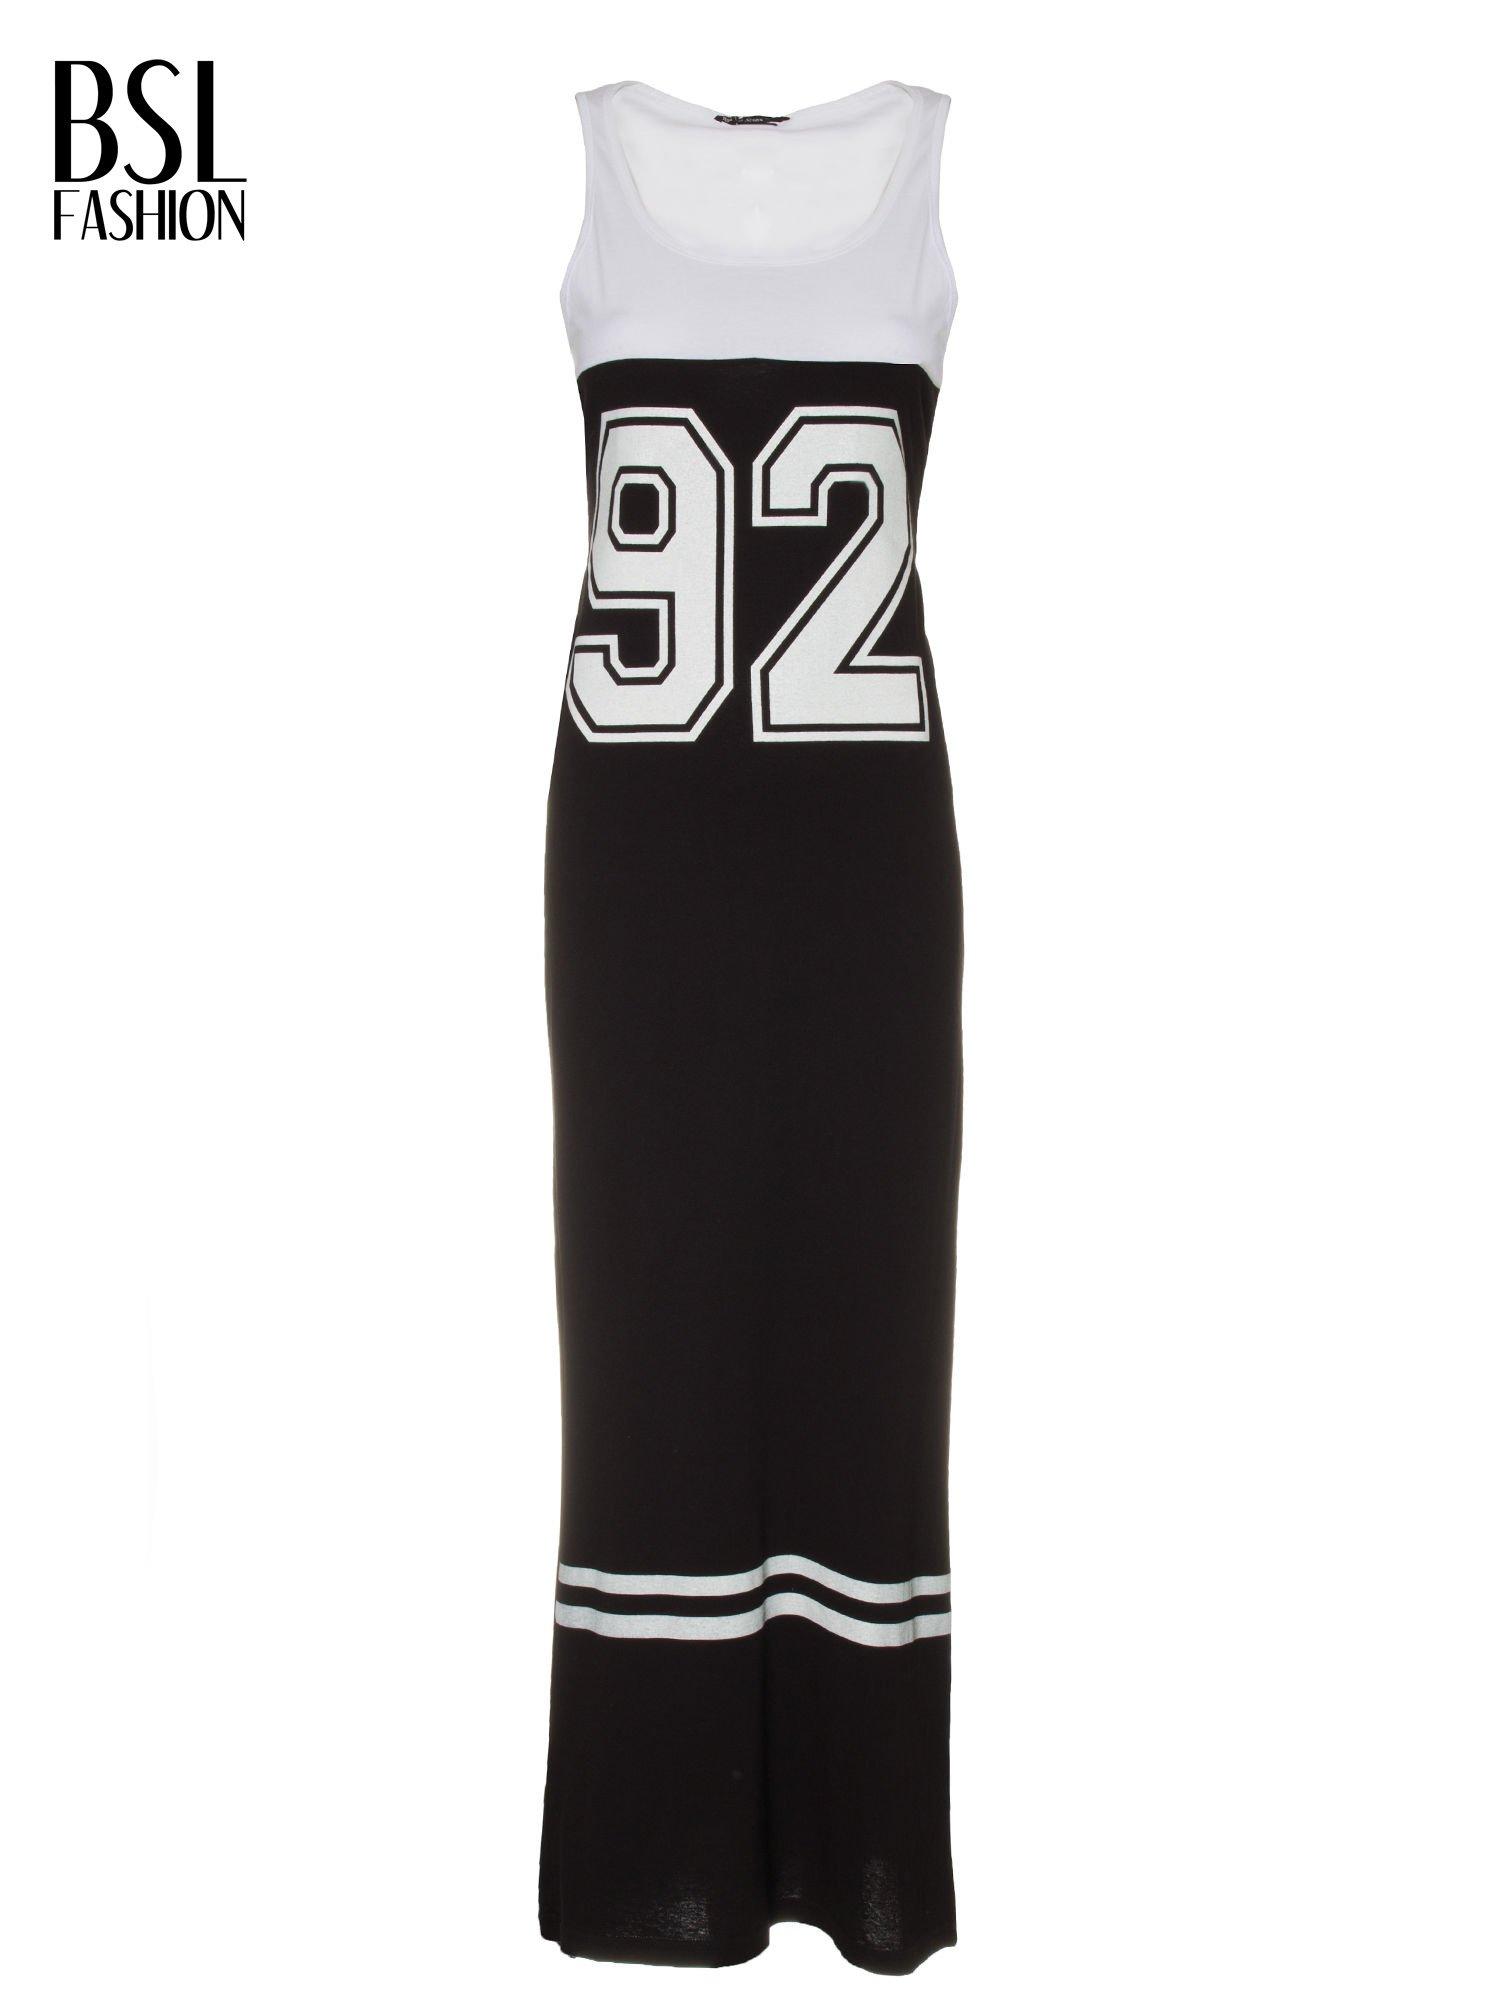 Biało-czarna sukienka maxi z numerem 92 w stylu baseball dress                                  zdj.                                  5